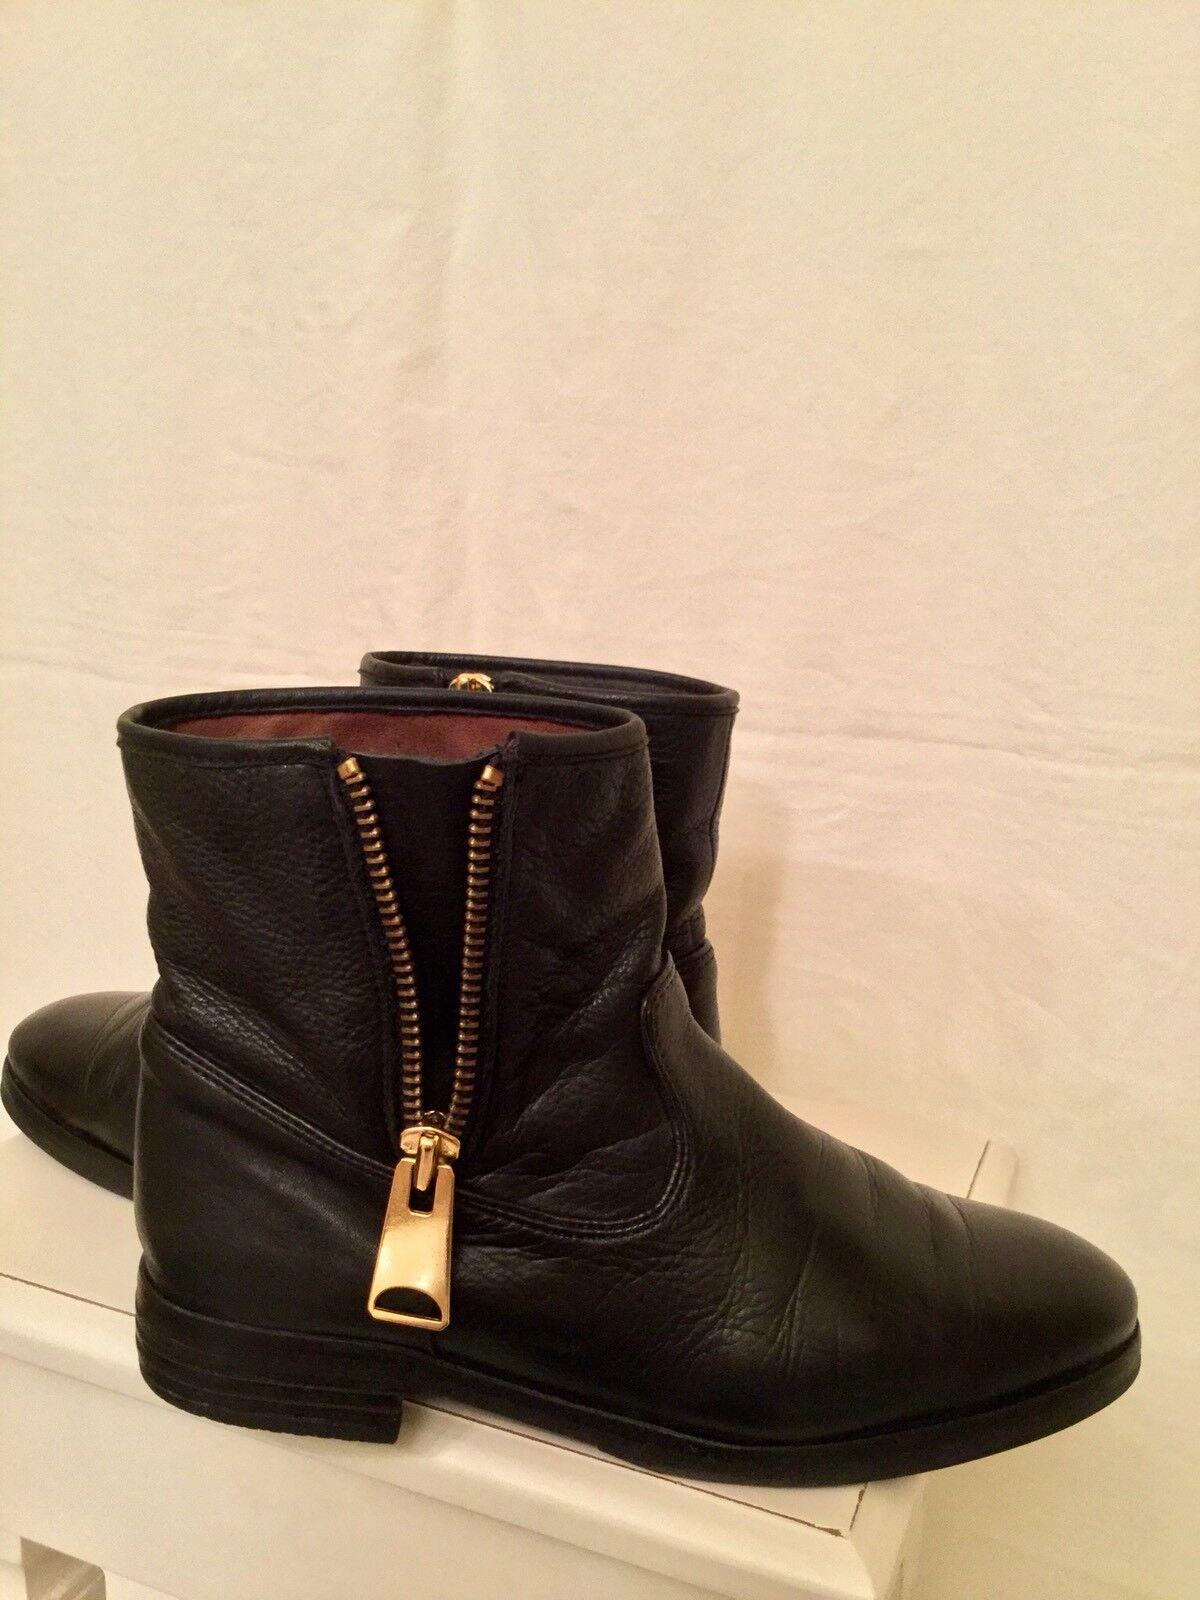 Hochwert. NUBIKK Leder Stiefelette Stiefel Reißverschluss Biker Stiefel 40 schwarz